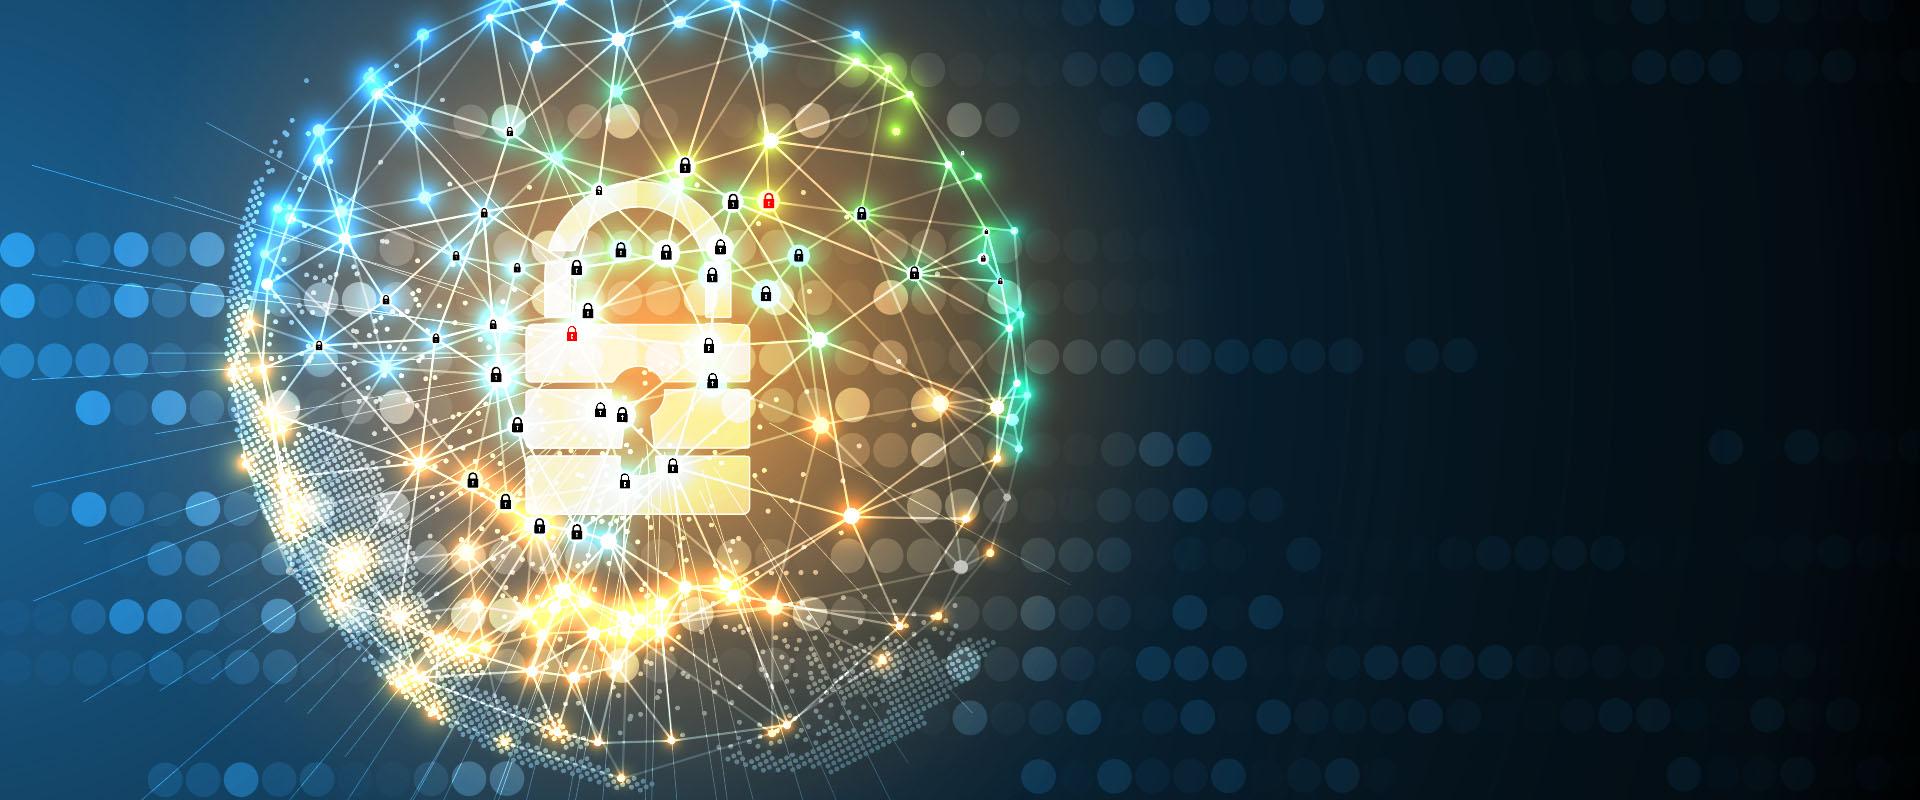 10/24 區塊鏈結合代碼化技術,打造企業資安新利器!-『數位轉型AI化』 線上講座